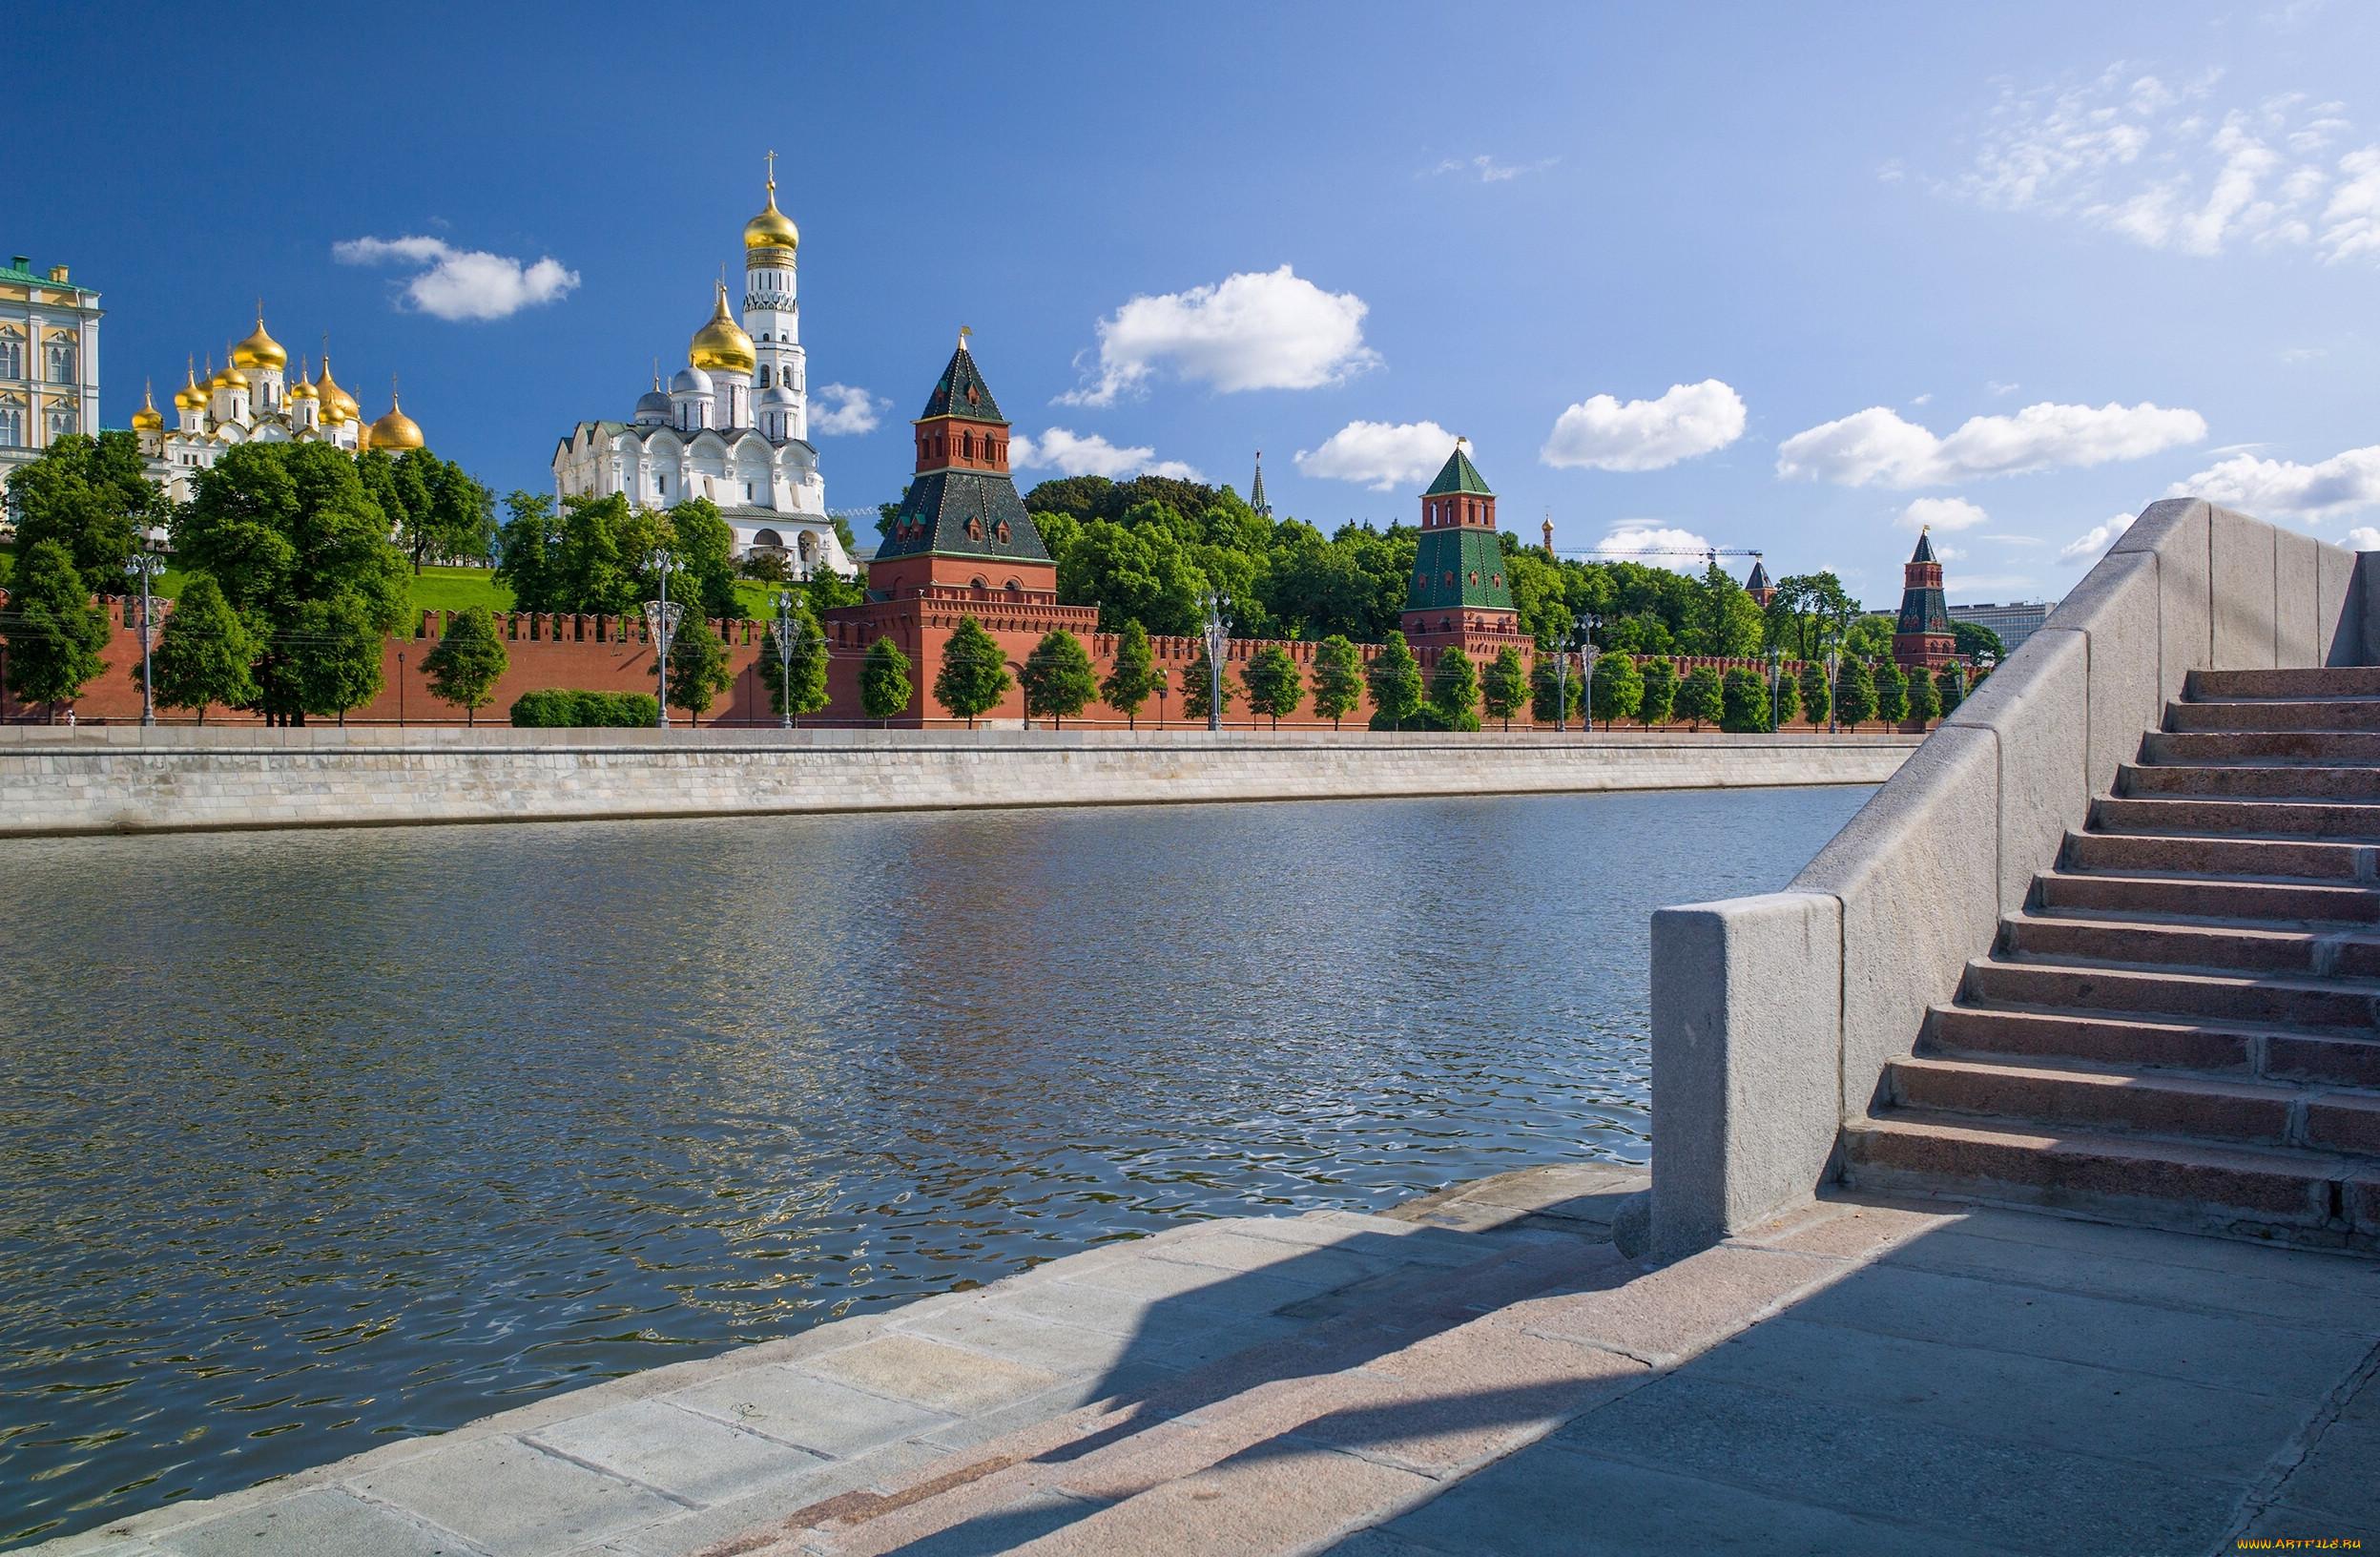 Фото причала Софийская набережная в Москве.